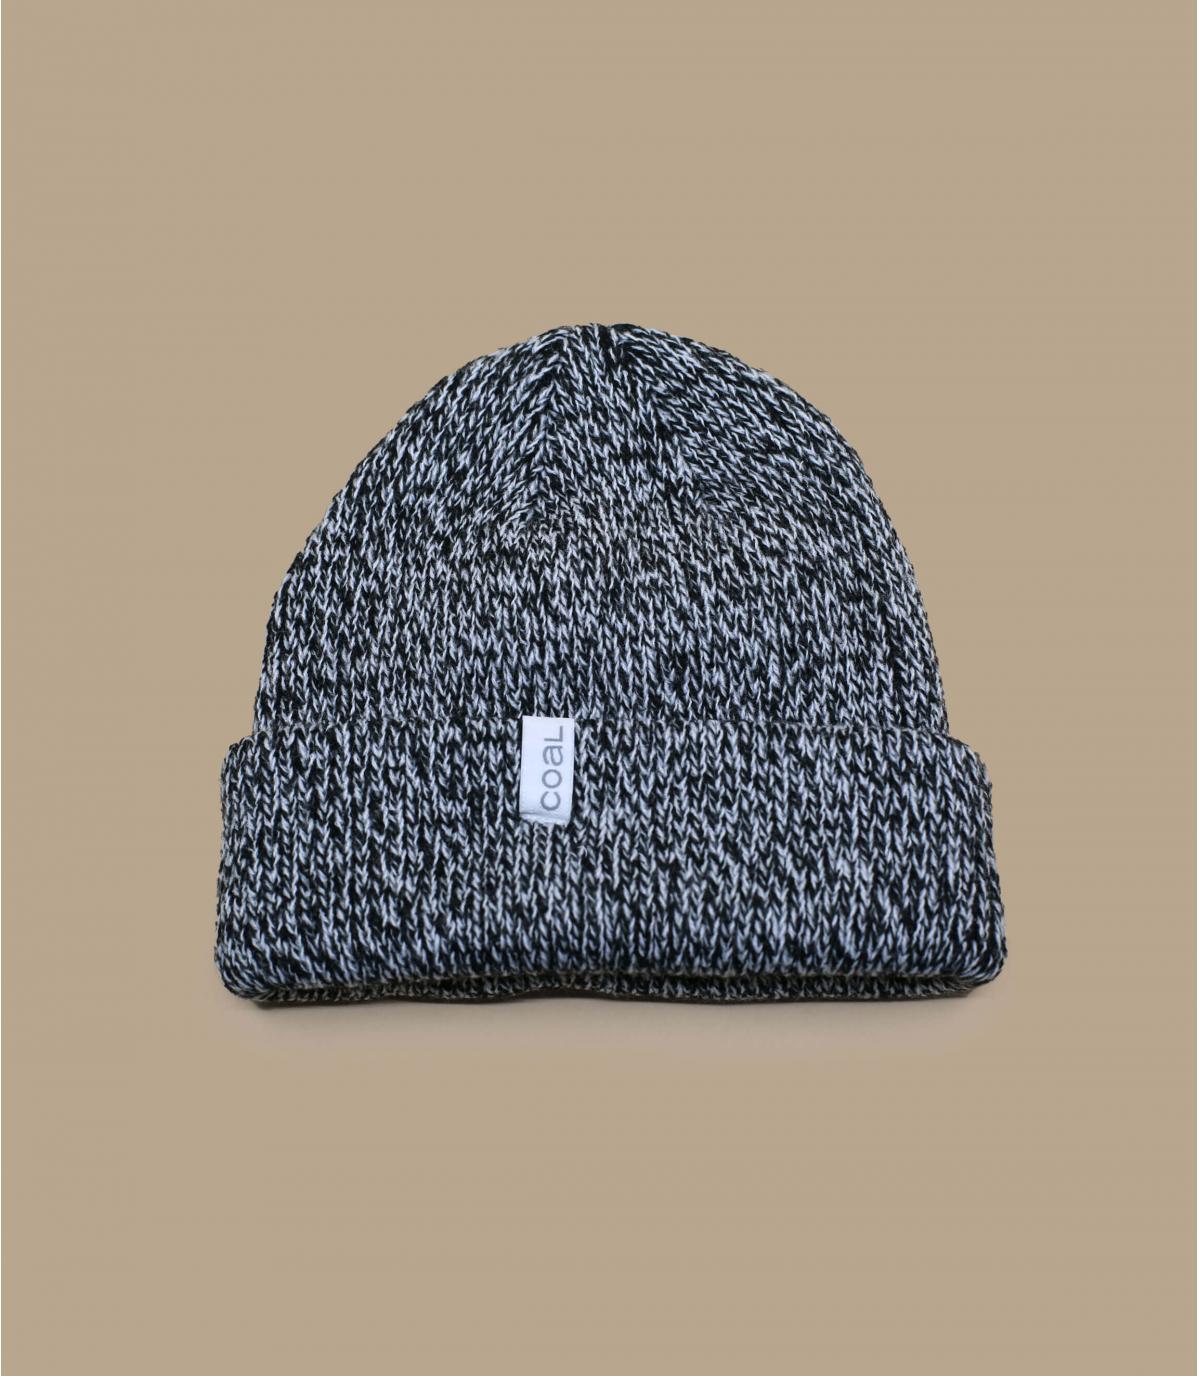 Coal heather black cuffed beanie